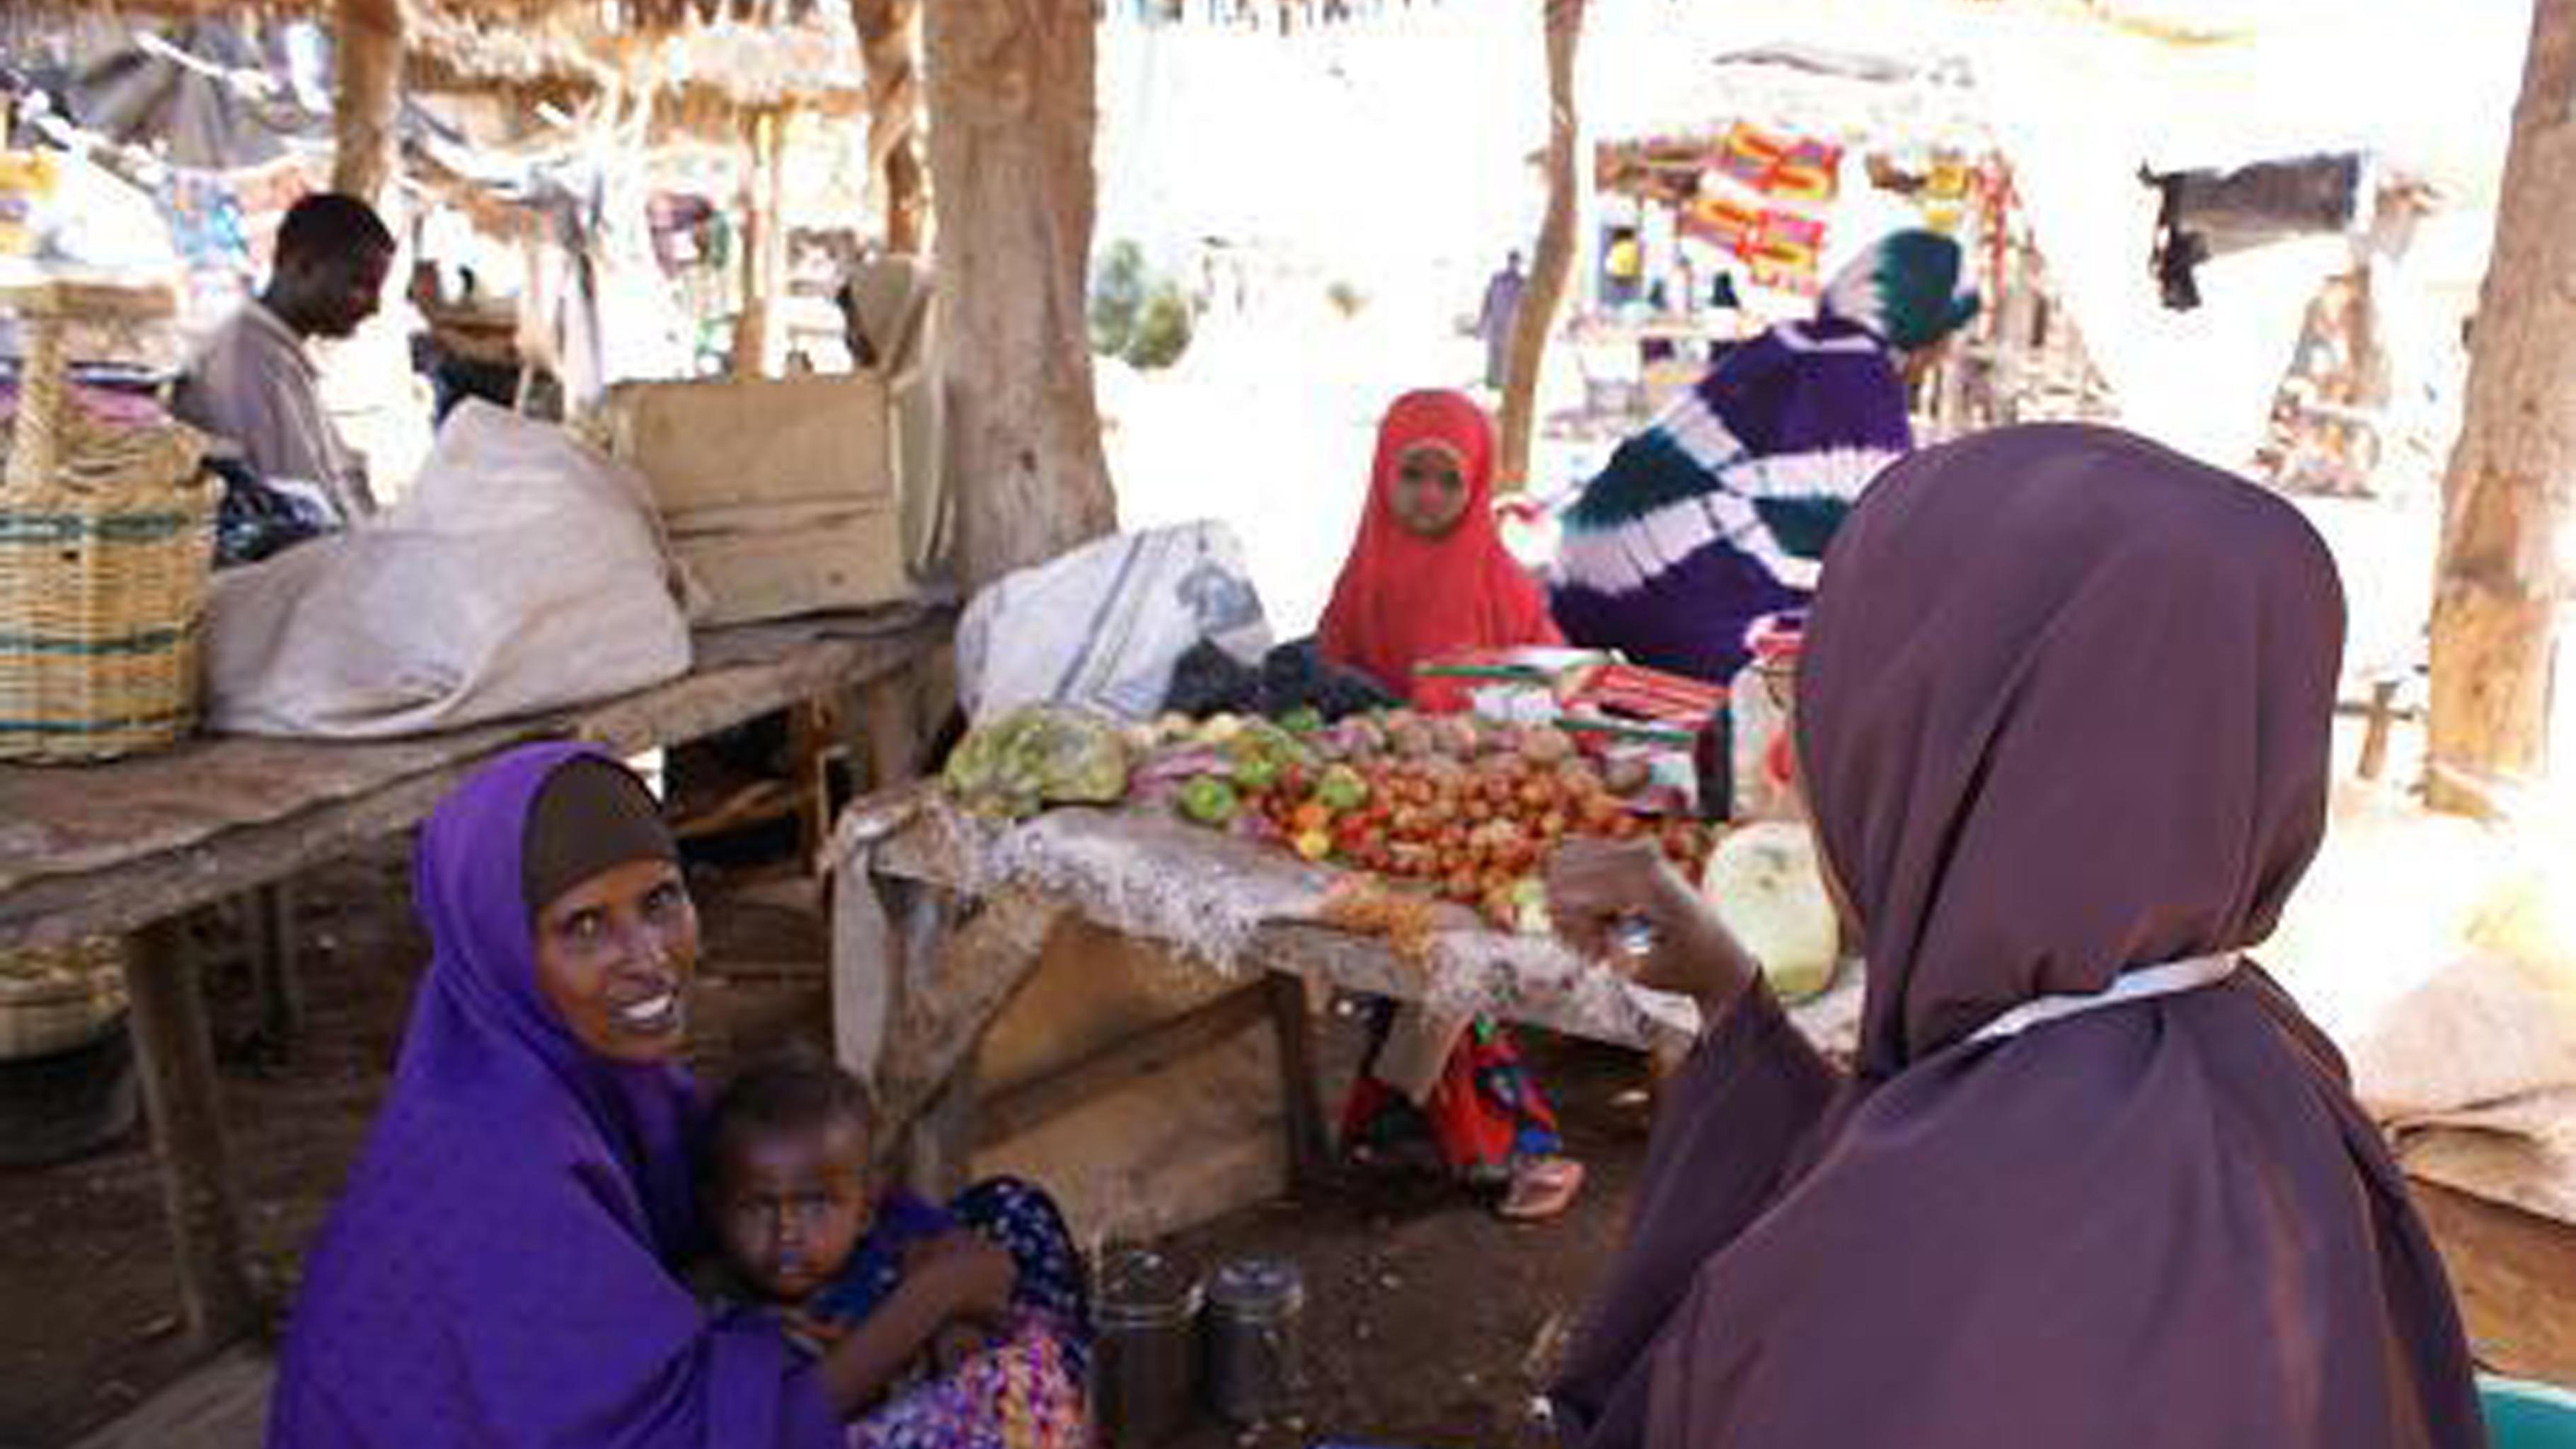 Foto: Frauen auf dem Markt